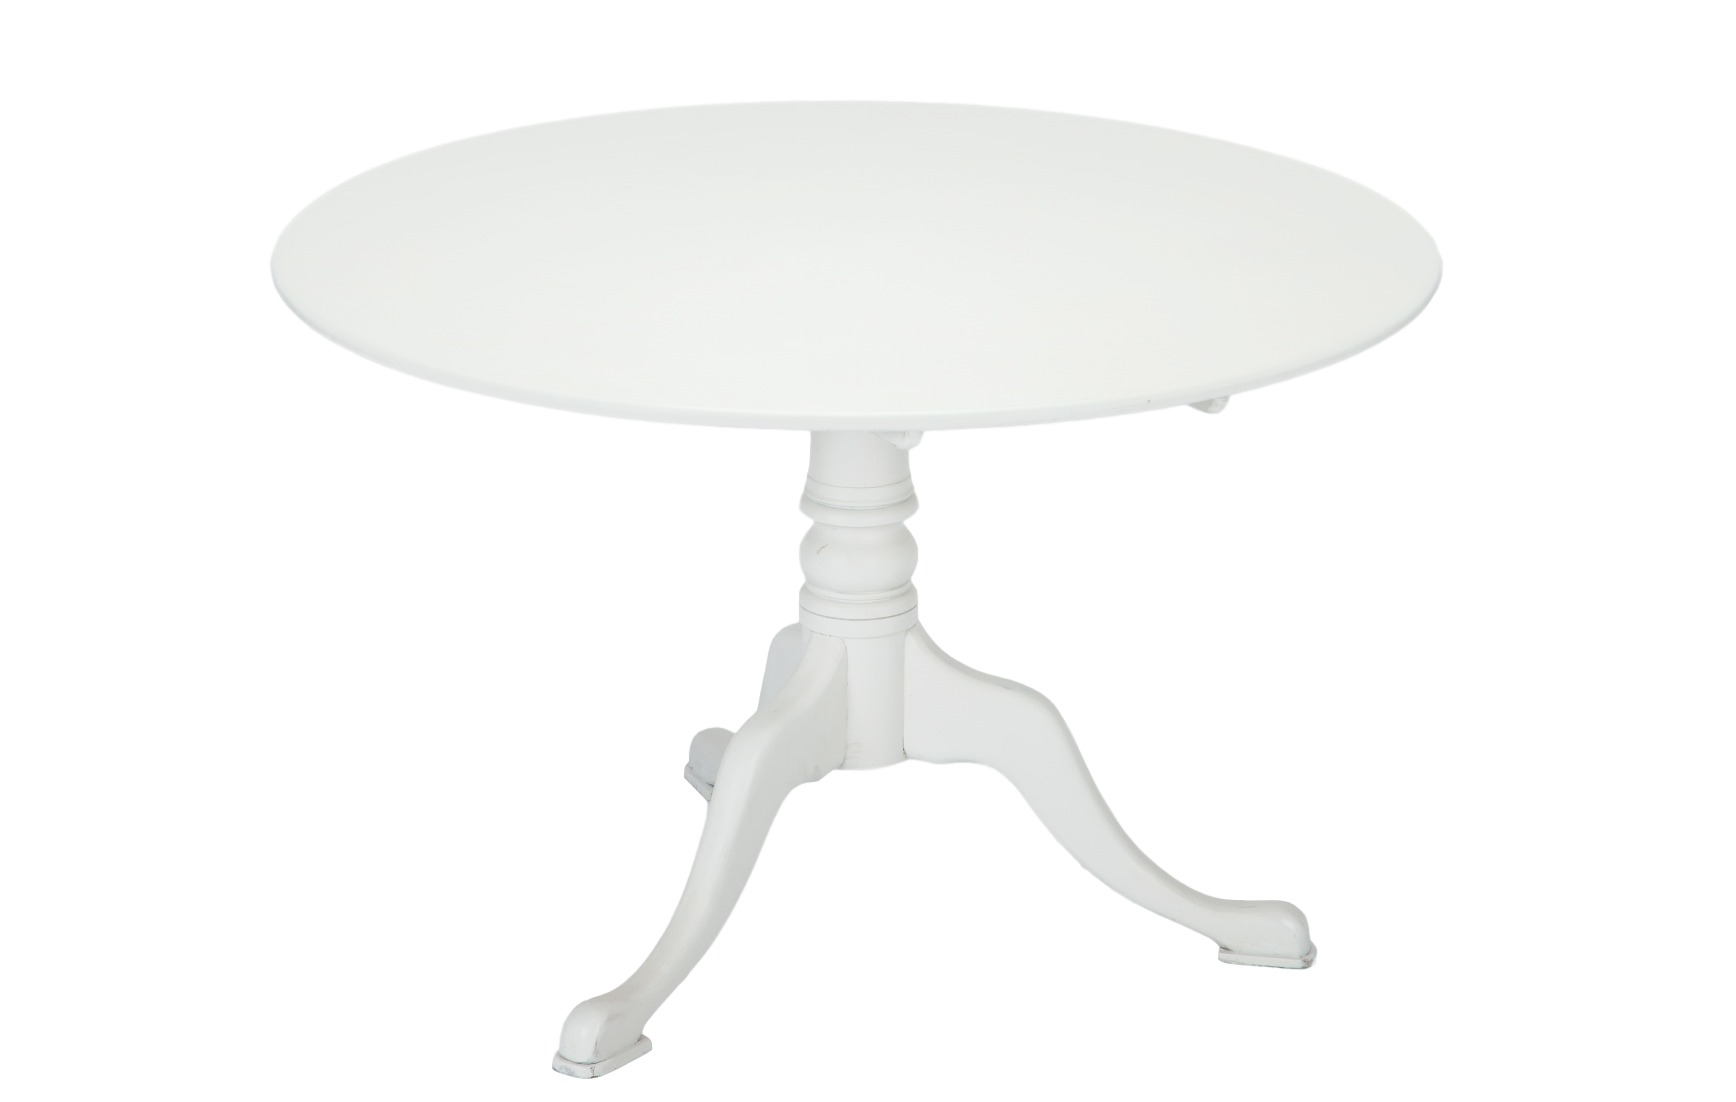 Стол обеденный круглыйОбеденные столы<br>Стол обеденный круглый белого цвета на резной ножке из массива березы.<br><br>Material: Береза<br>Высота см: 75